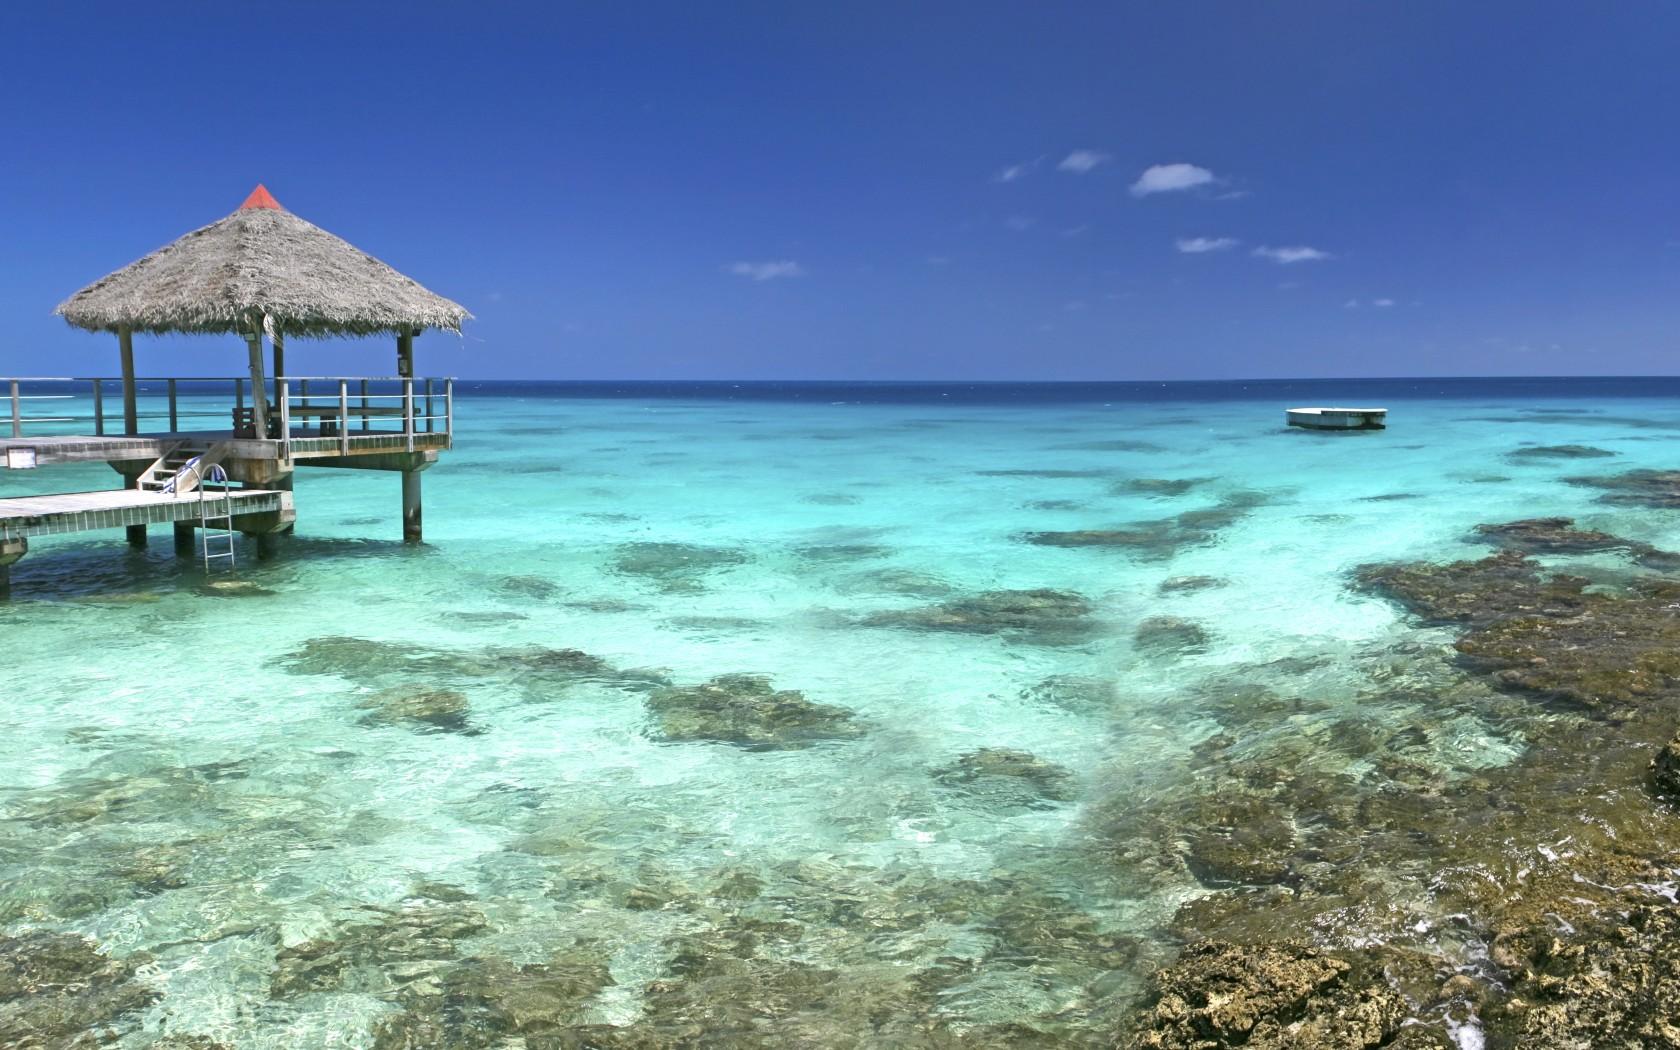 19_Tahiti_120096558-1680x1050